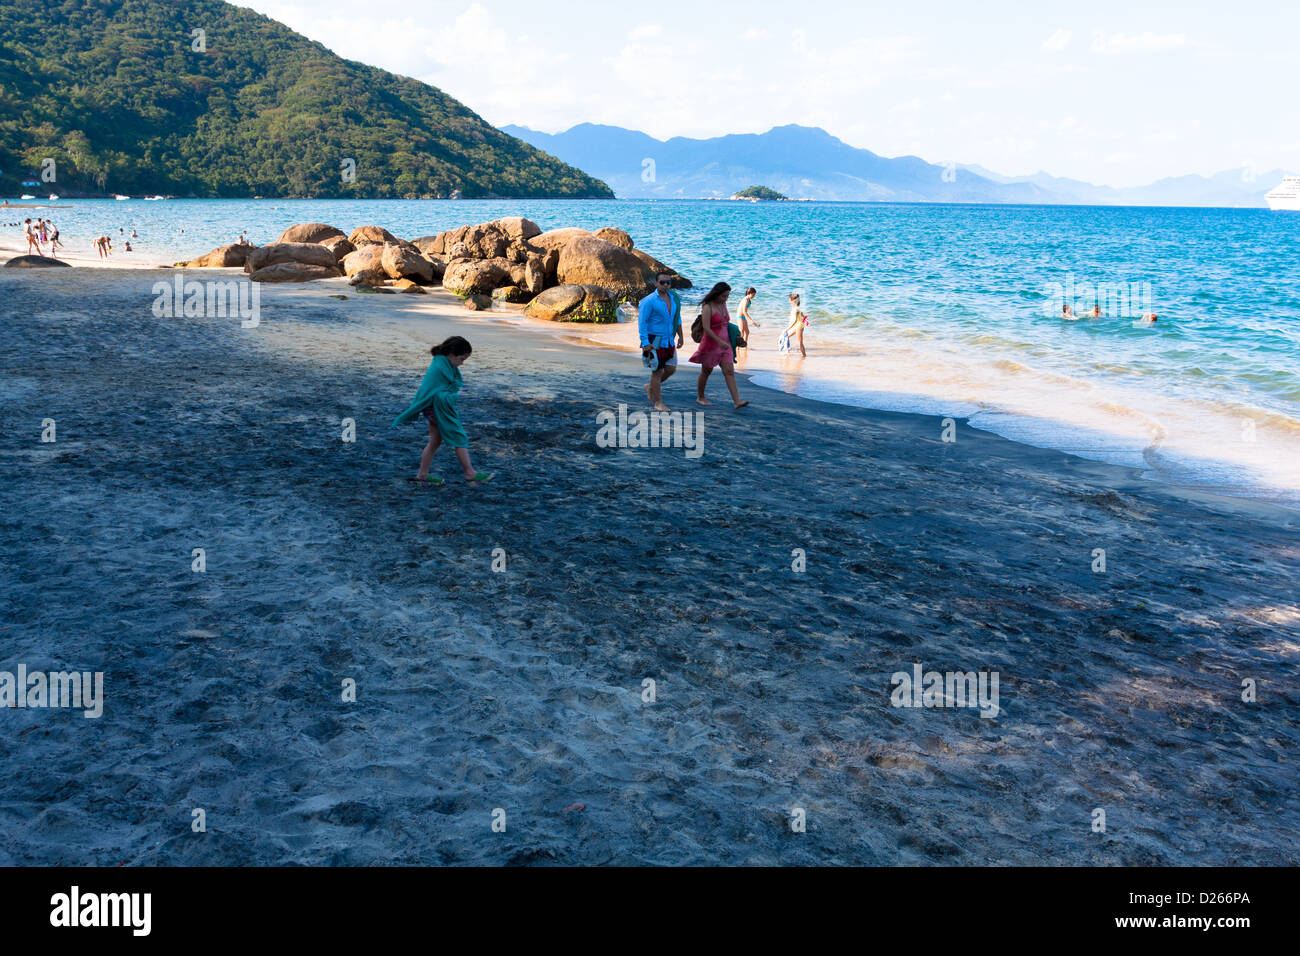 Praia Preta Ilha Grande